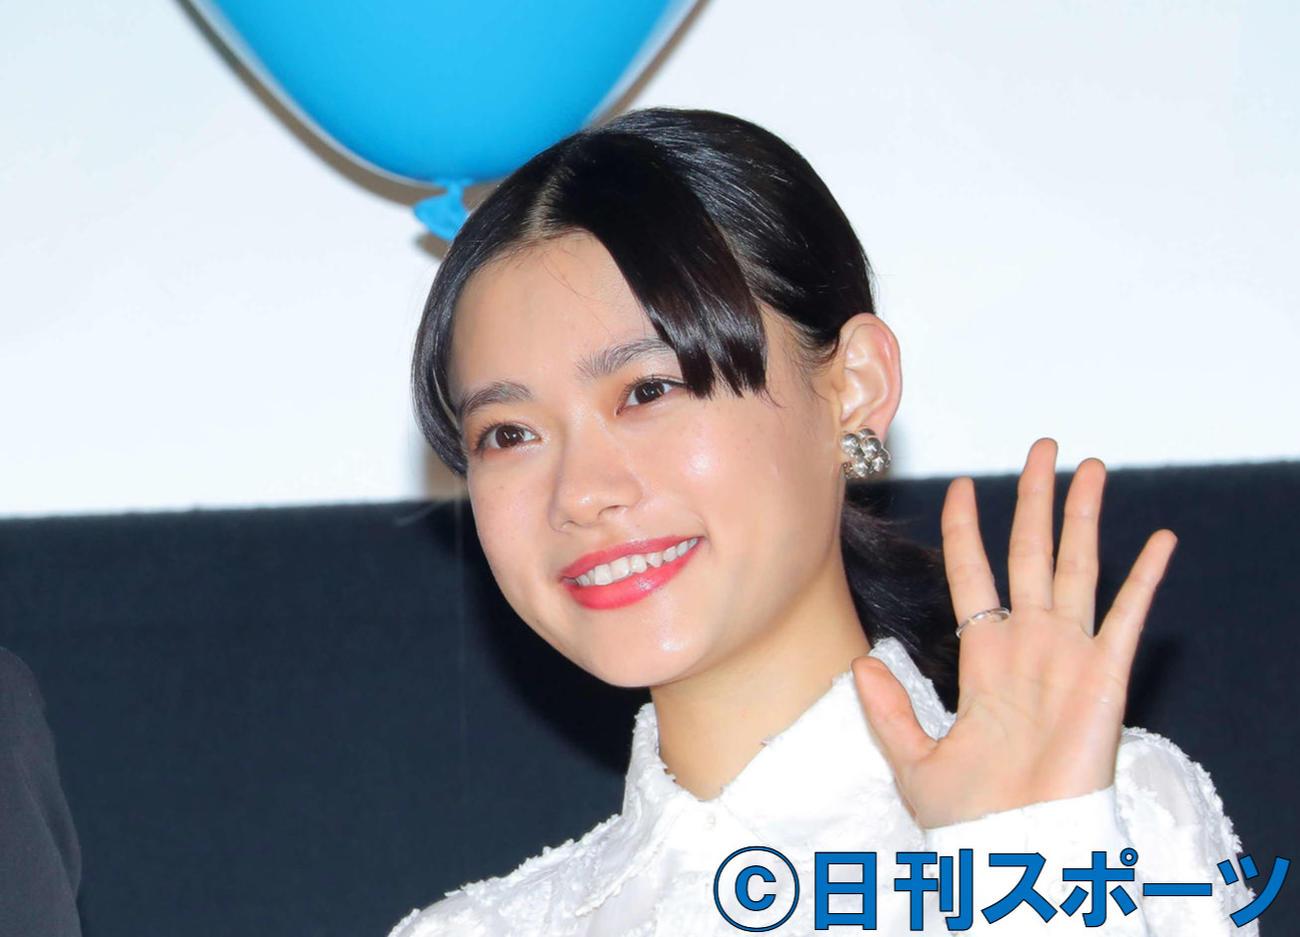 杉咲花(2020年3月23日撮影)